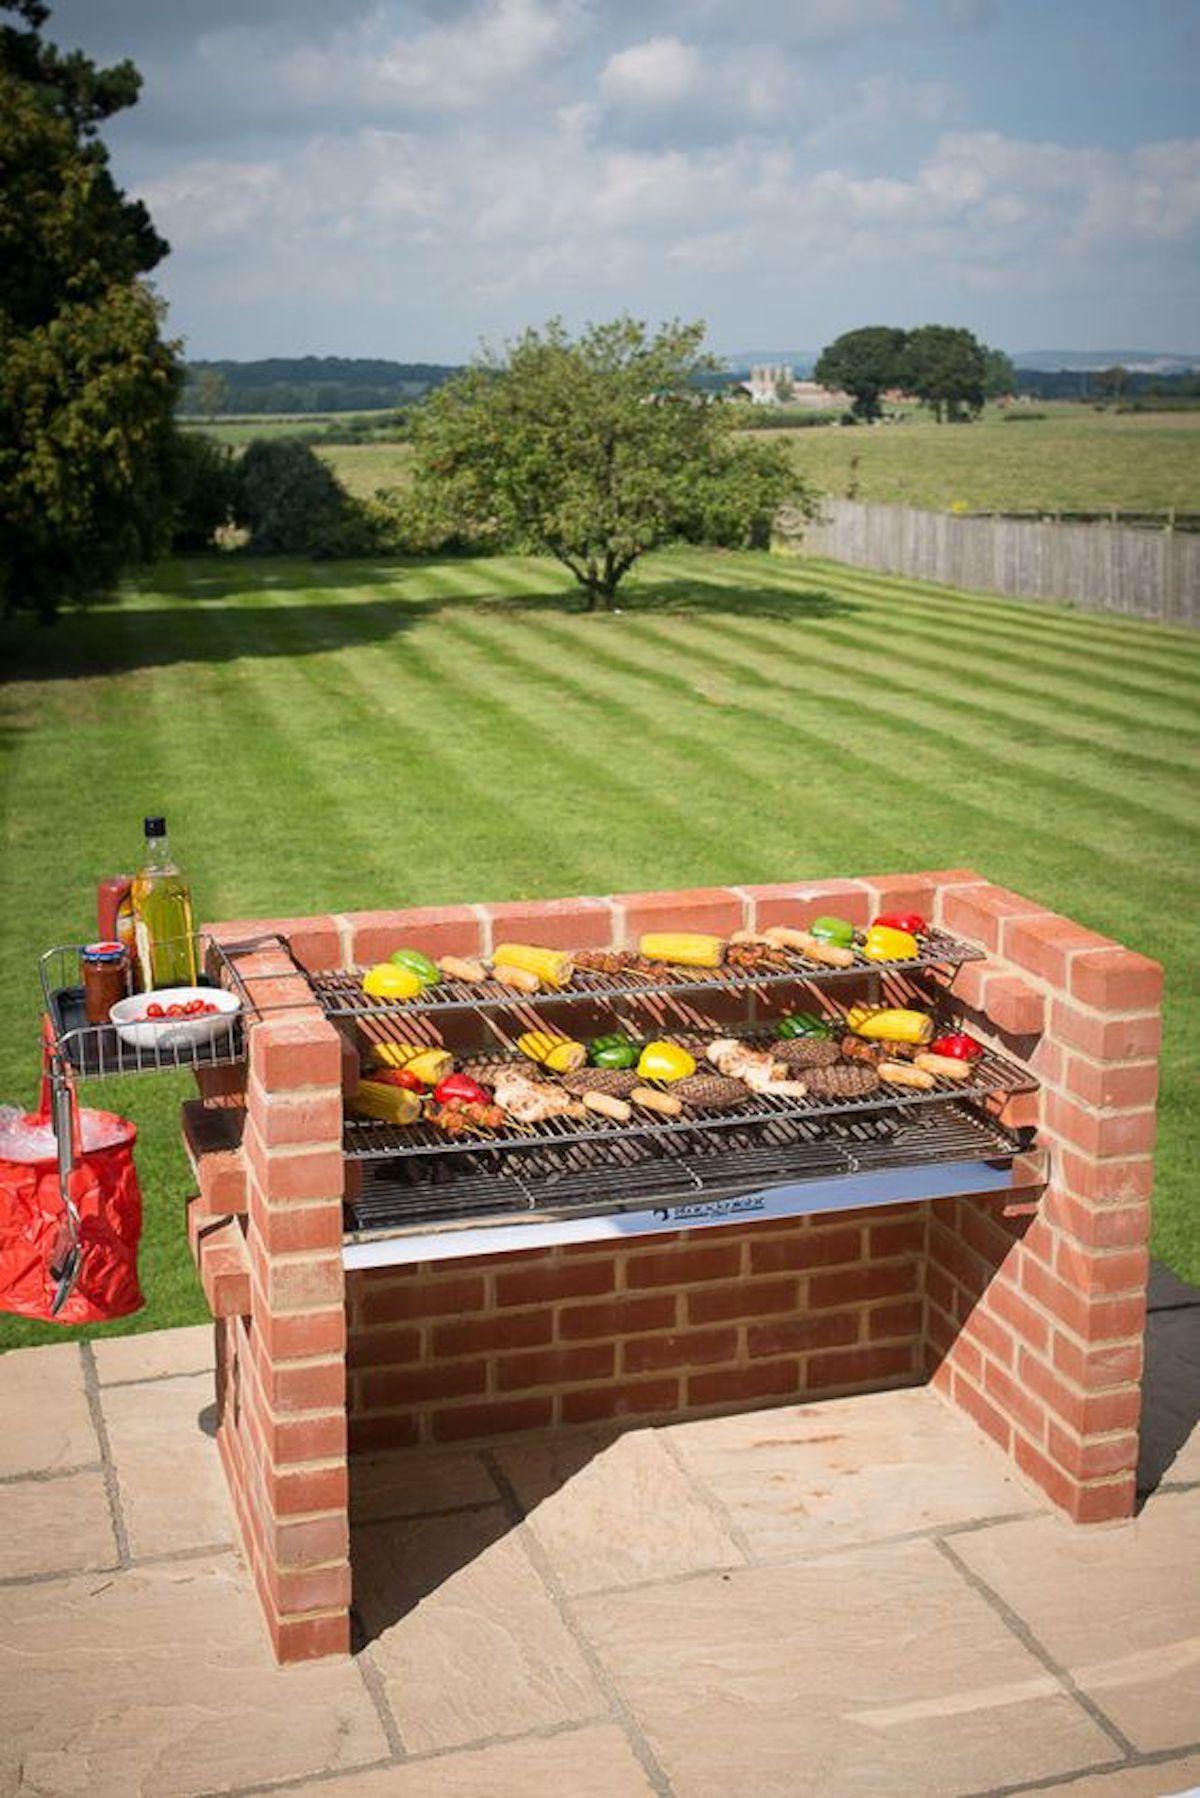 grill bbq mur de briques rouge grille jardin terrasse extérieure - blog déco - clematc